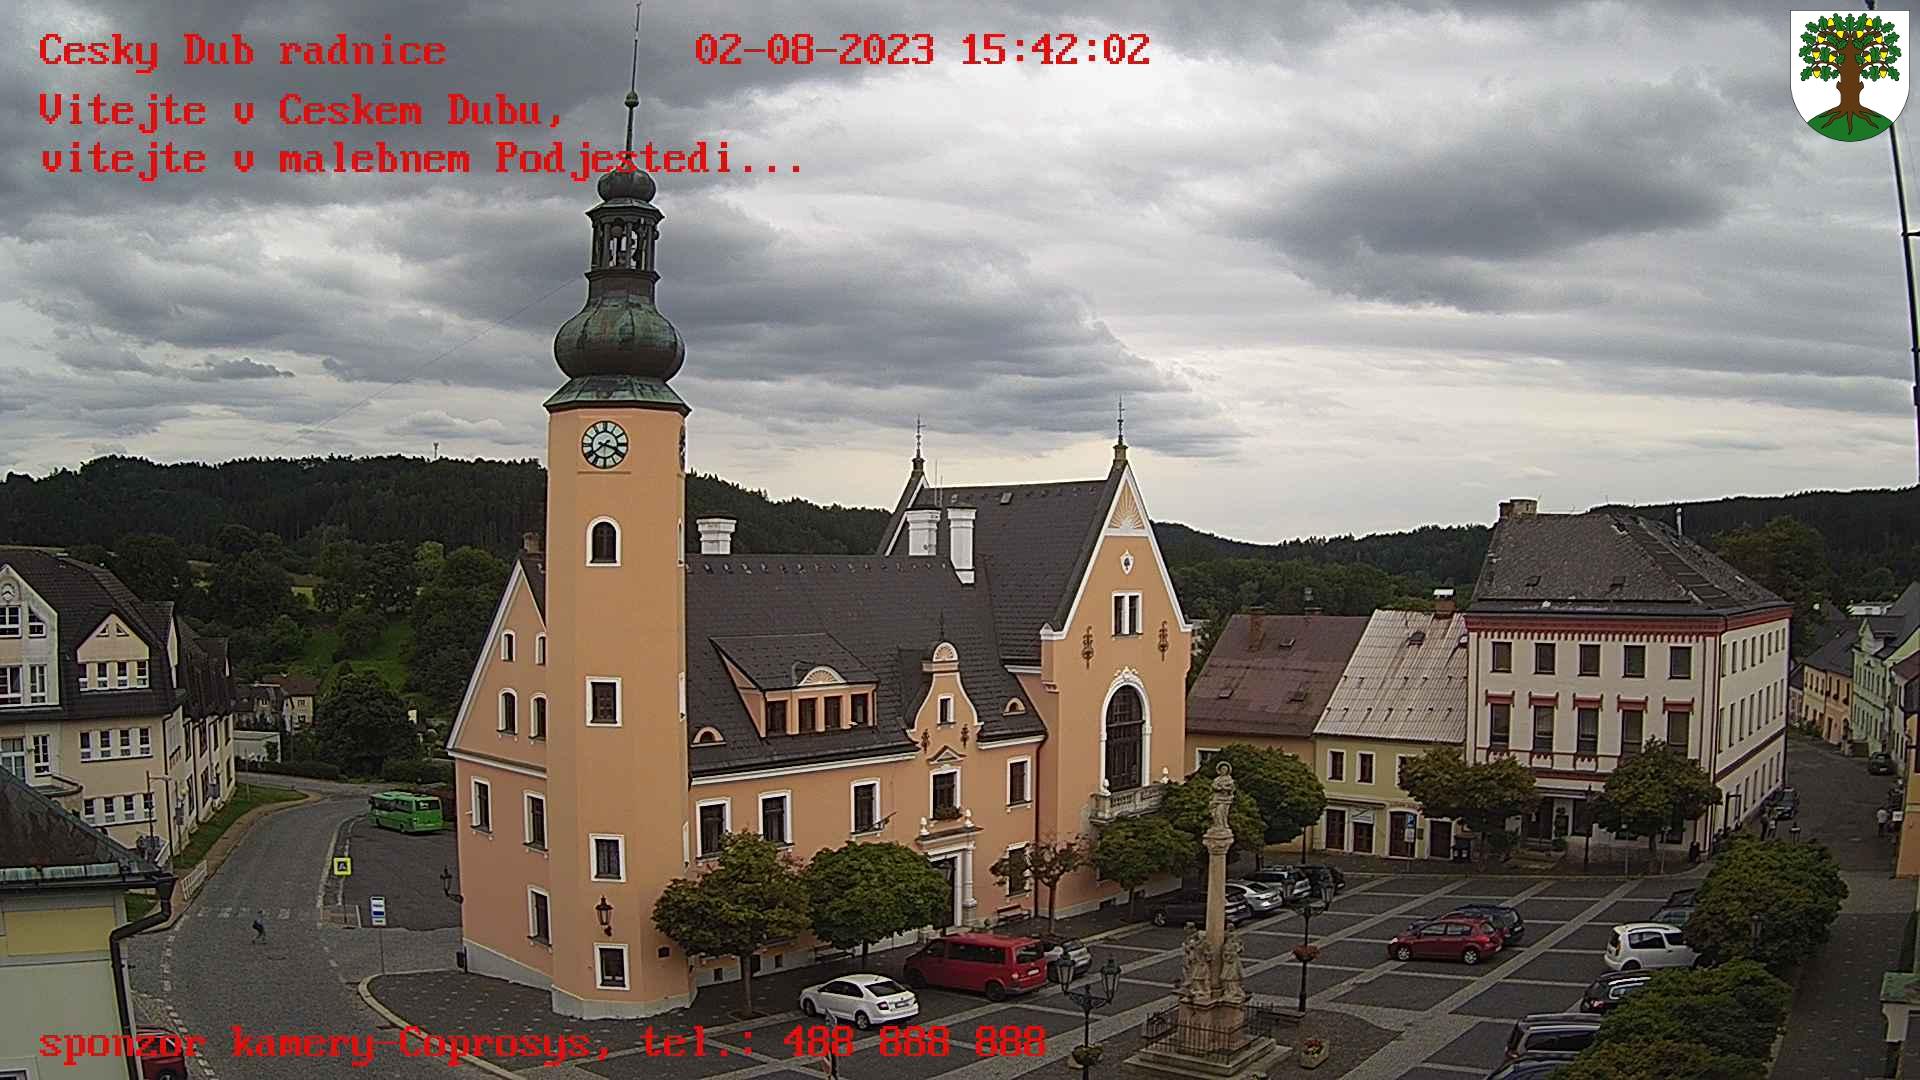 Kamera na żywo - Český Dub